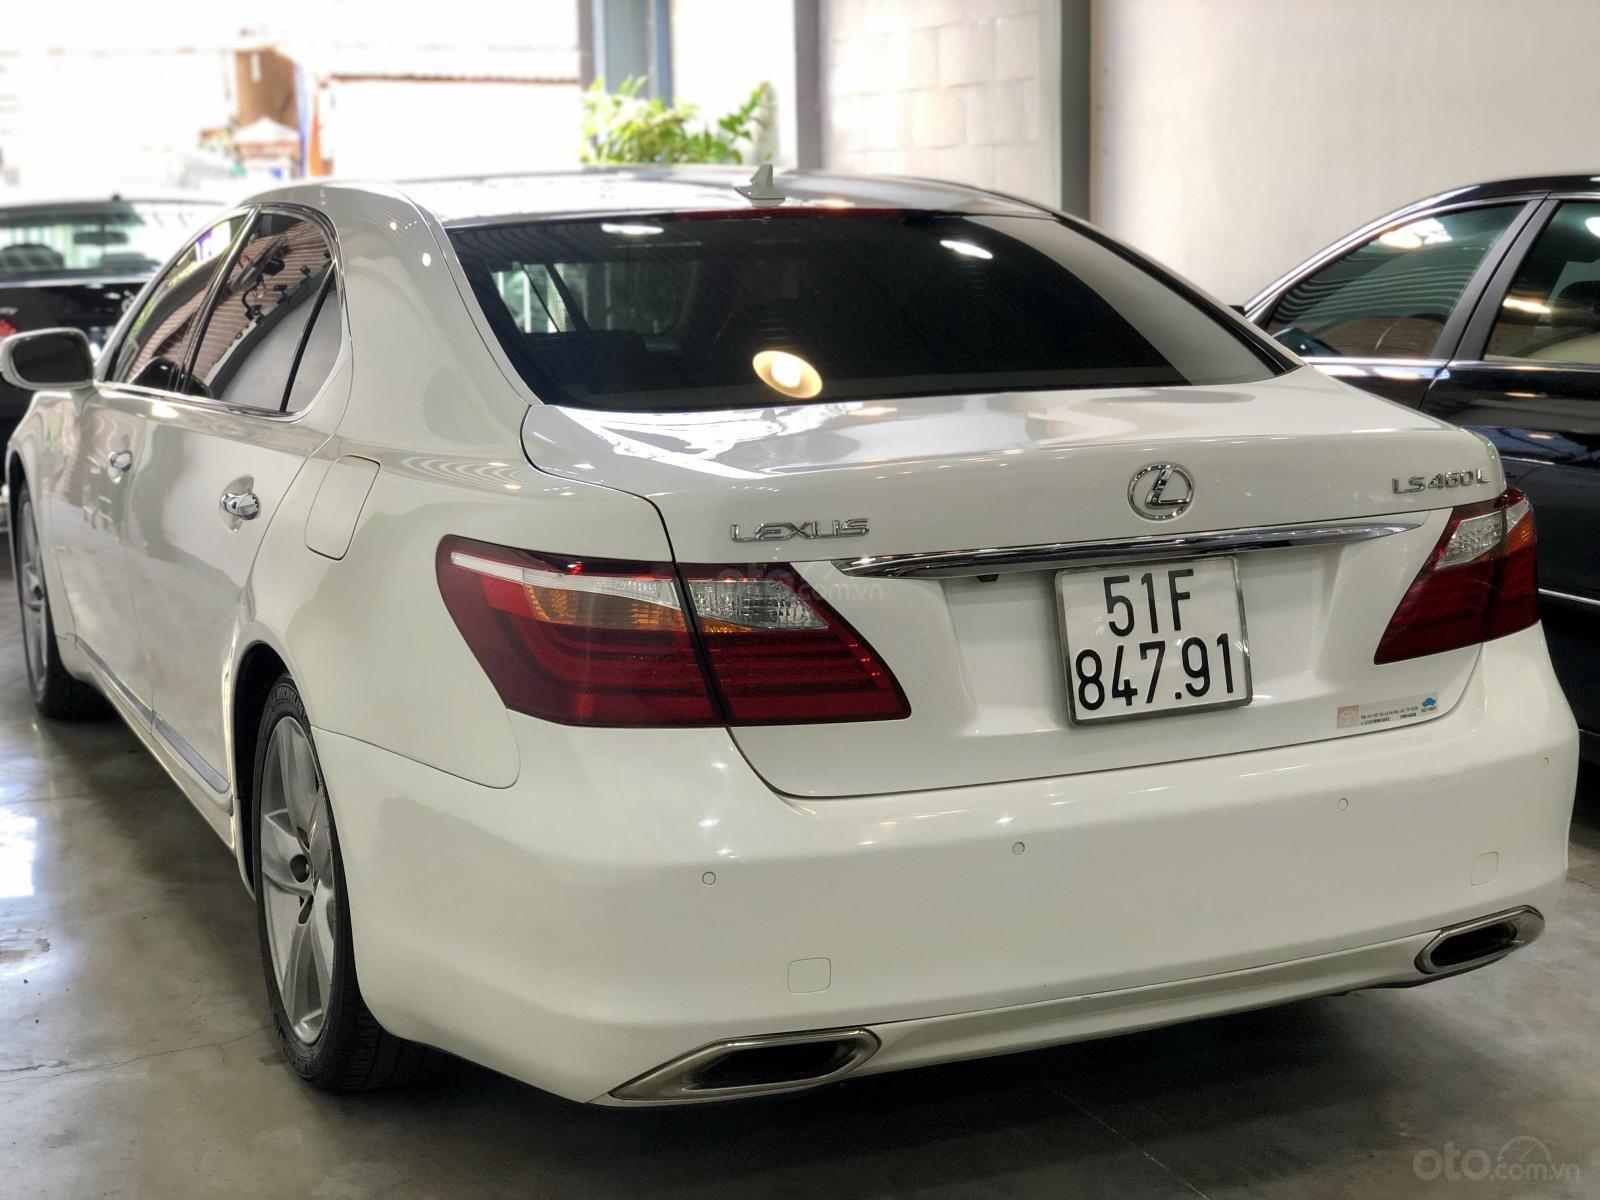 Bán Lexus LS460L model 2011, SX 2010, xe nguyễn zin, màu trắng cực đẹp, gầm bệ êm ái-9